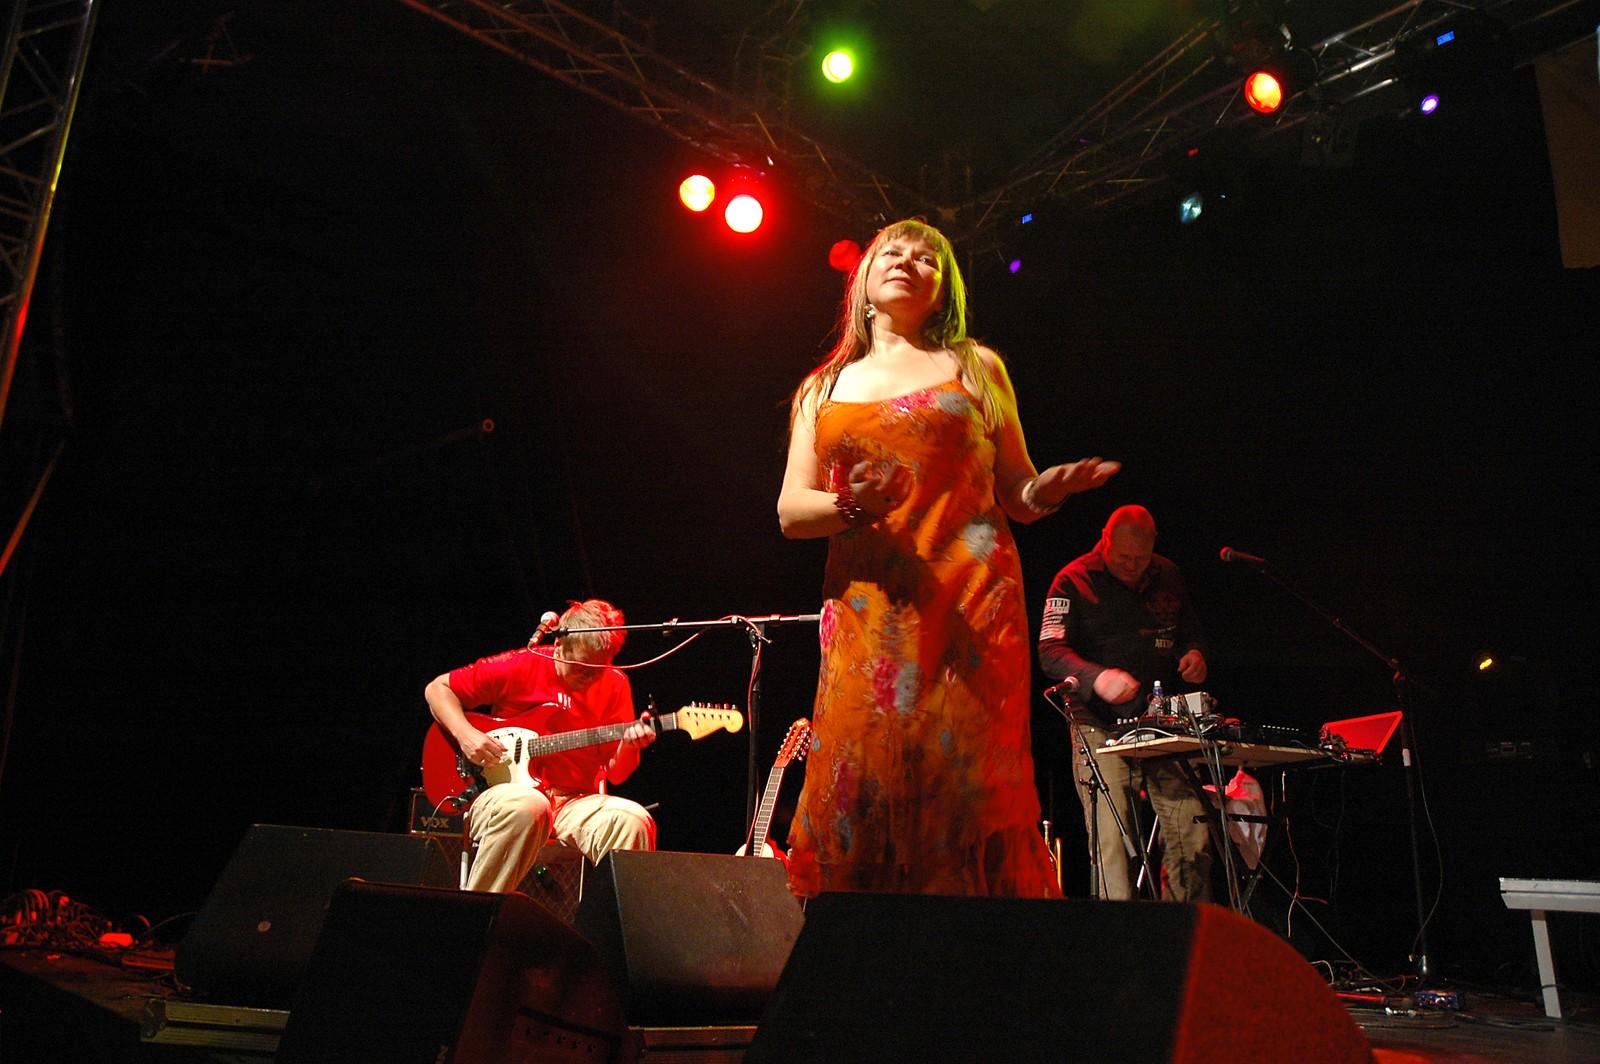 Fra Mari Boines konsert på Varangerfestivalen i Vadsø i 2007.